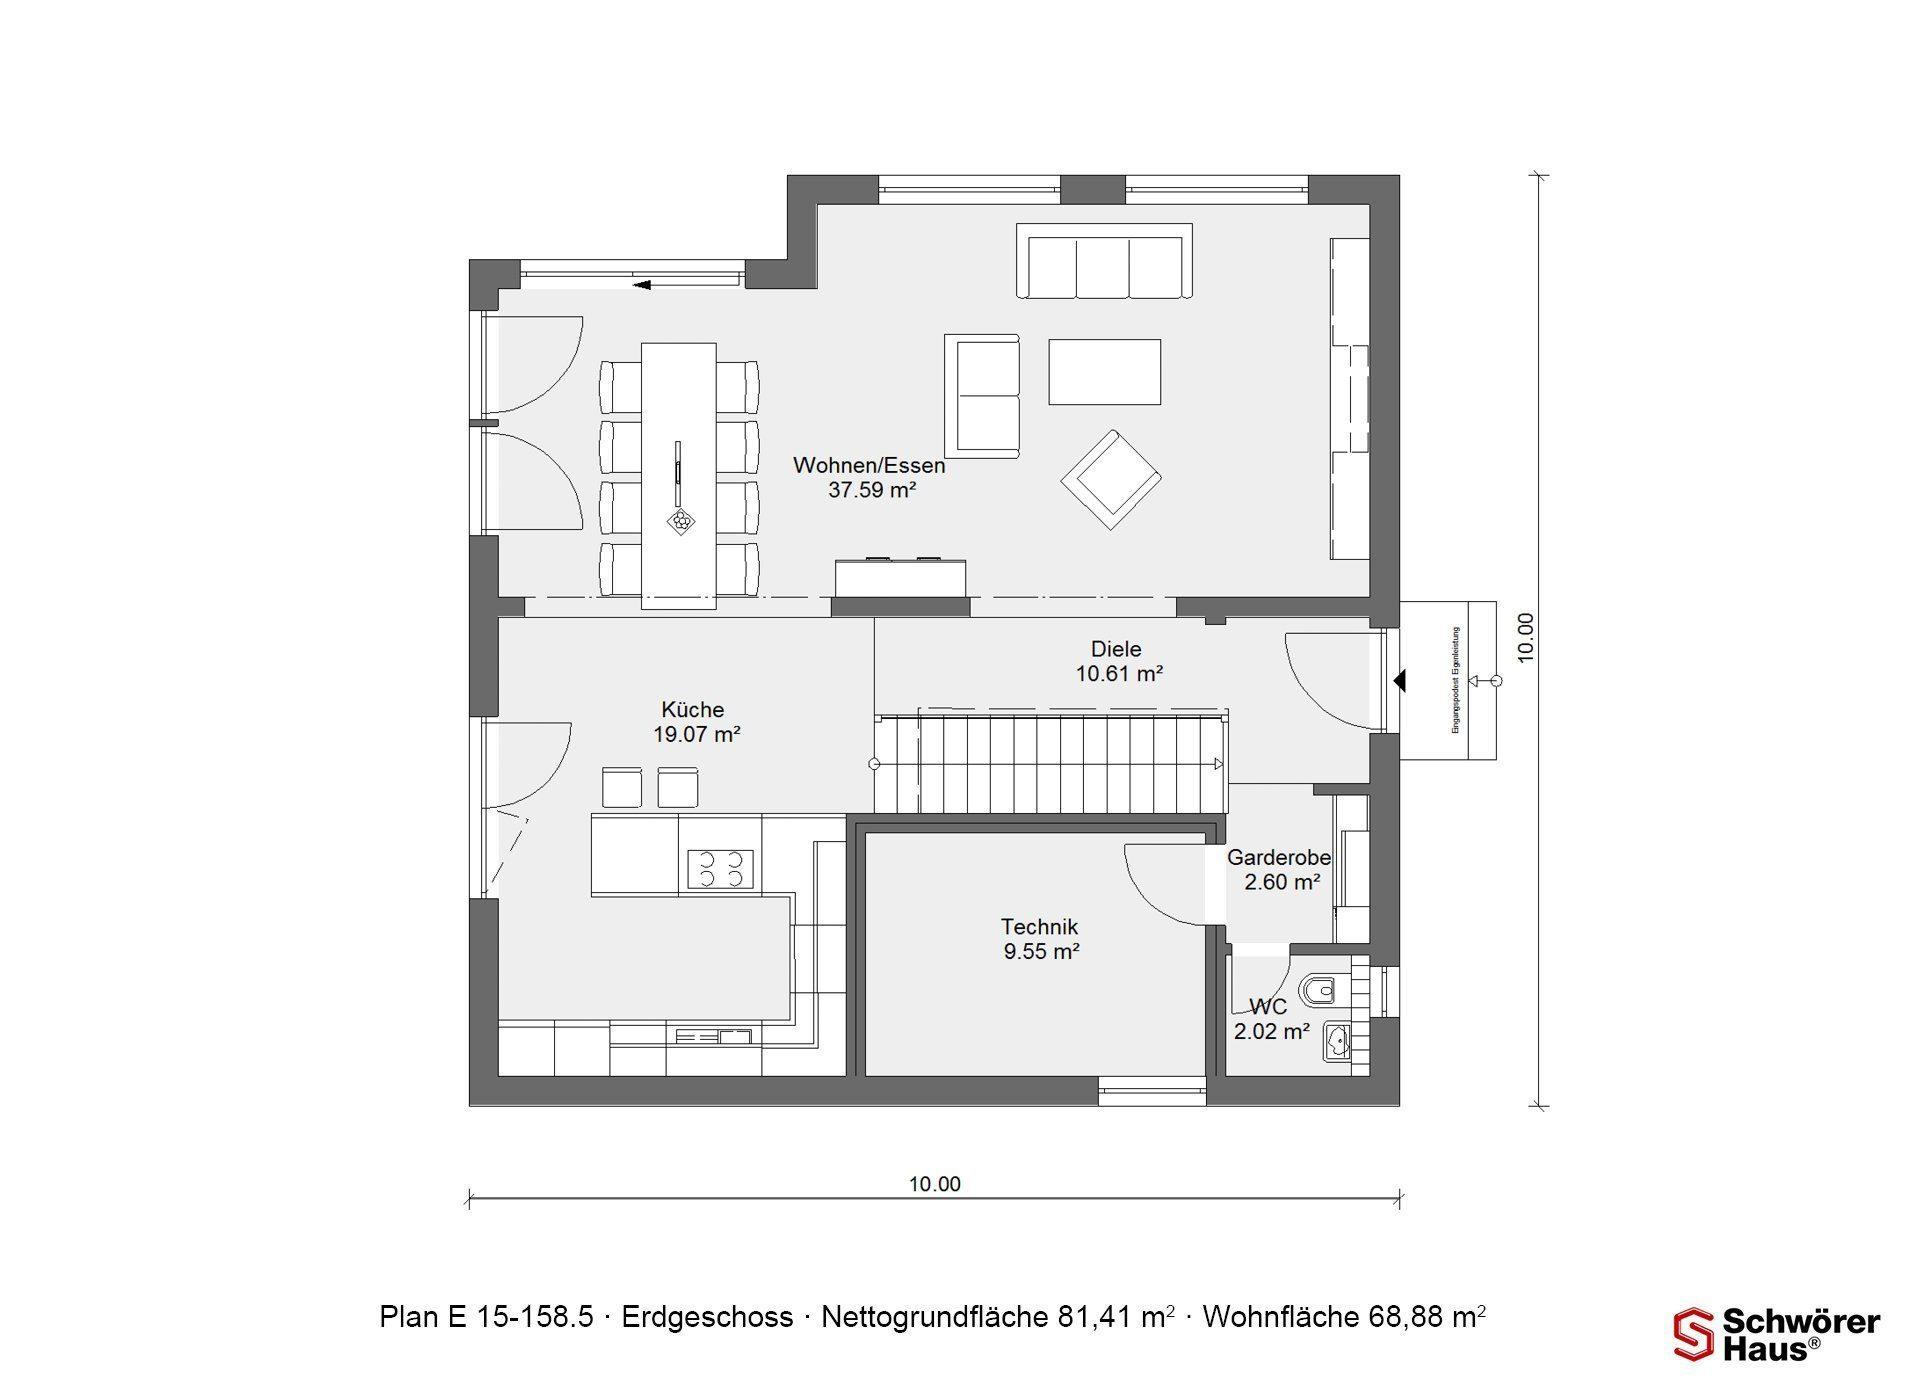 Kundenhaus Günzel - Eine Nahaufnahme einer Uhr - Gebäudeplan